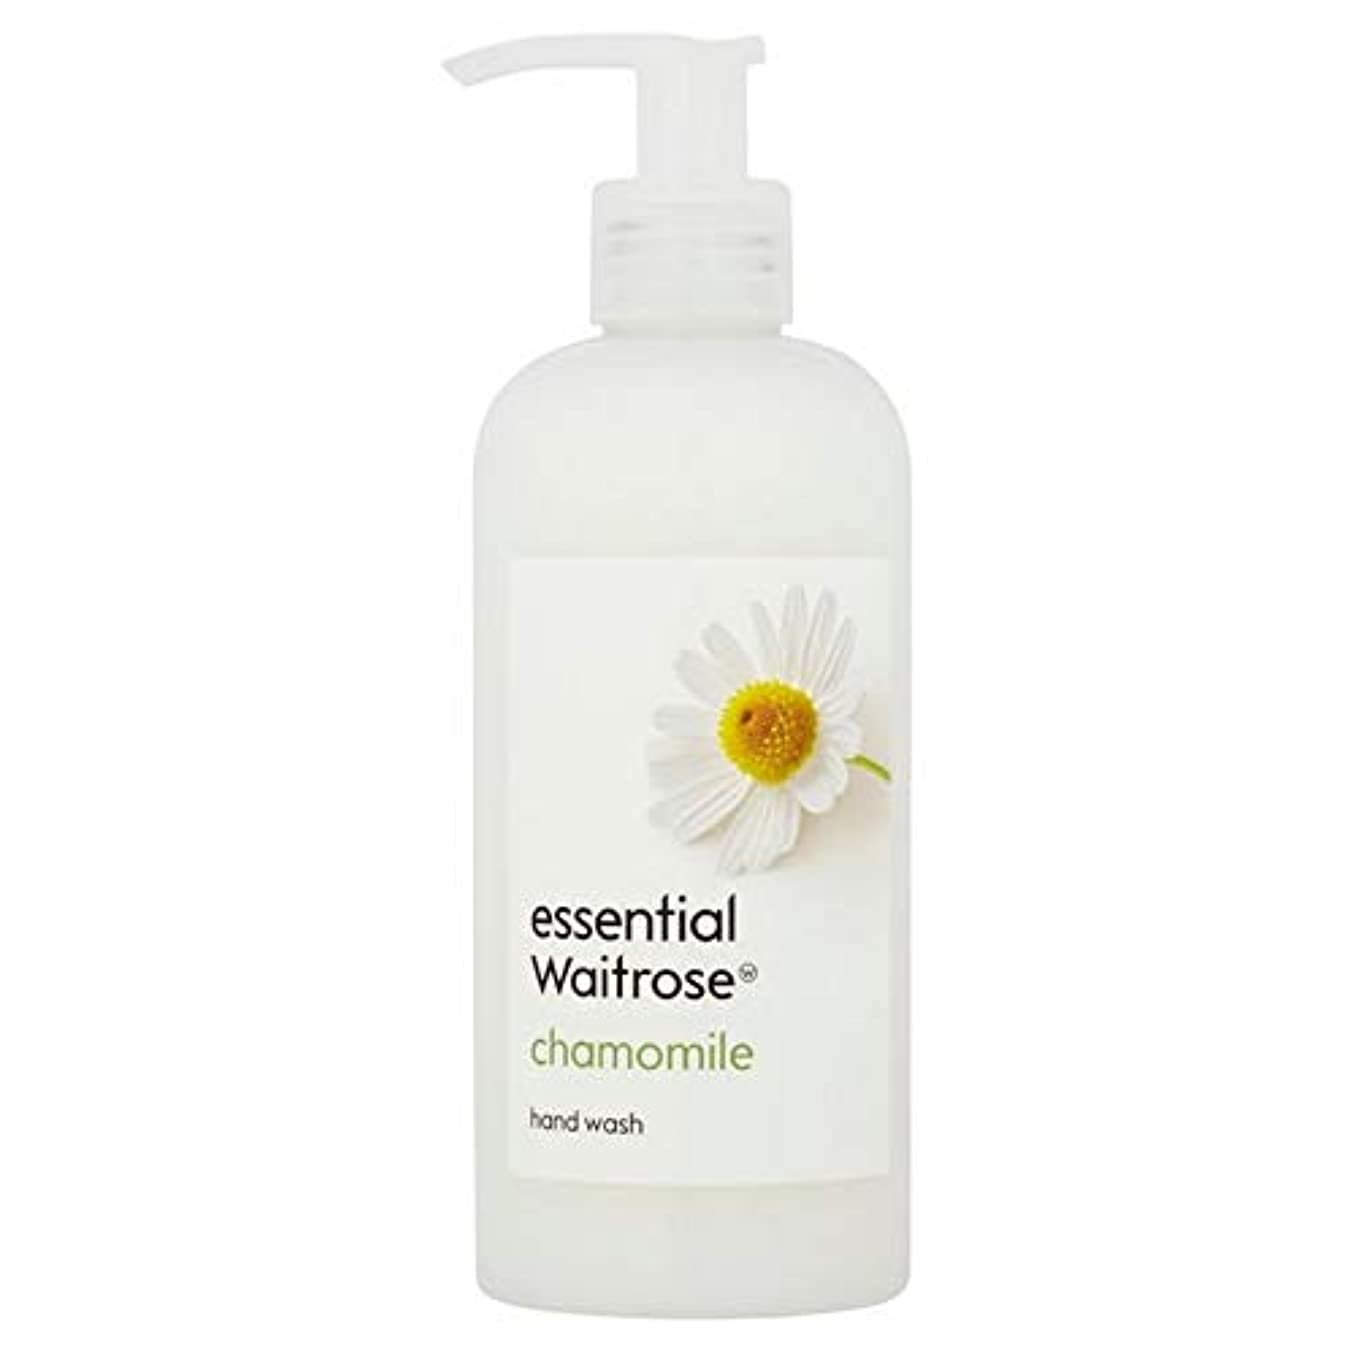 悩み純粋なマイナス[Waitrose ] 基本的なウェイトローズのハンドウォッシュカモミール300ミリリットル - Essential Waitrose Hand Wash Chamomile 300ml [並行輸入品]